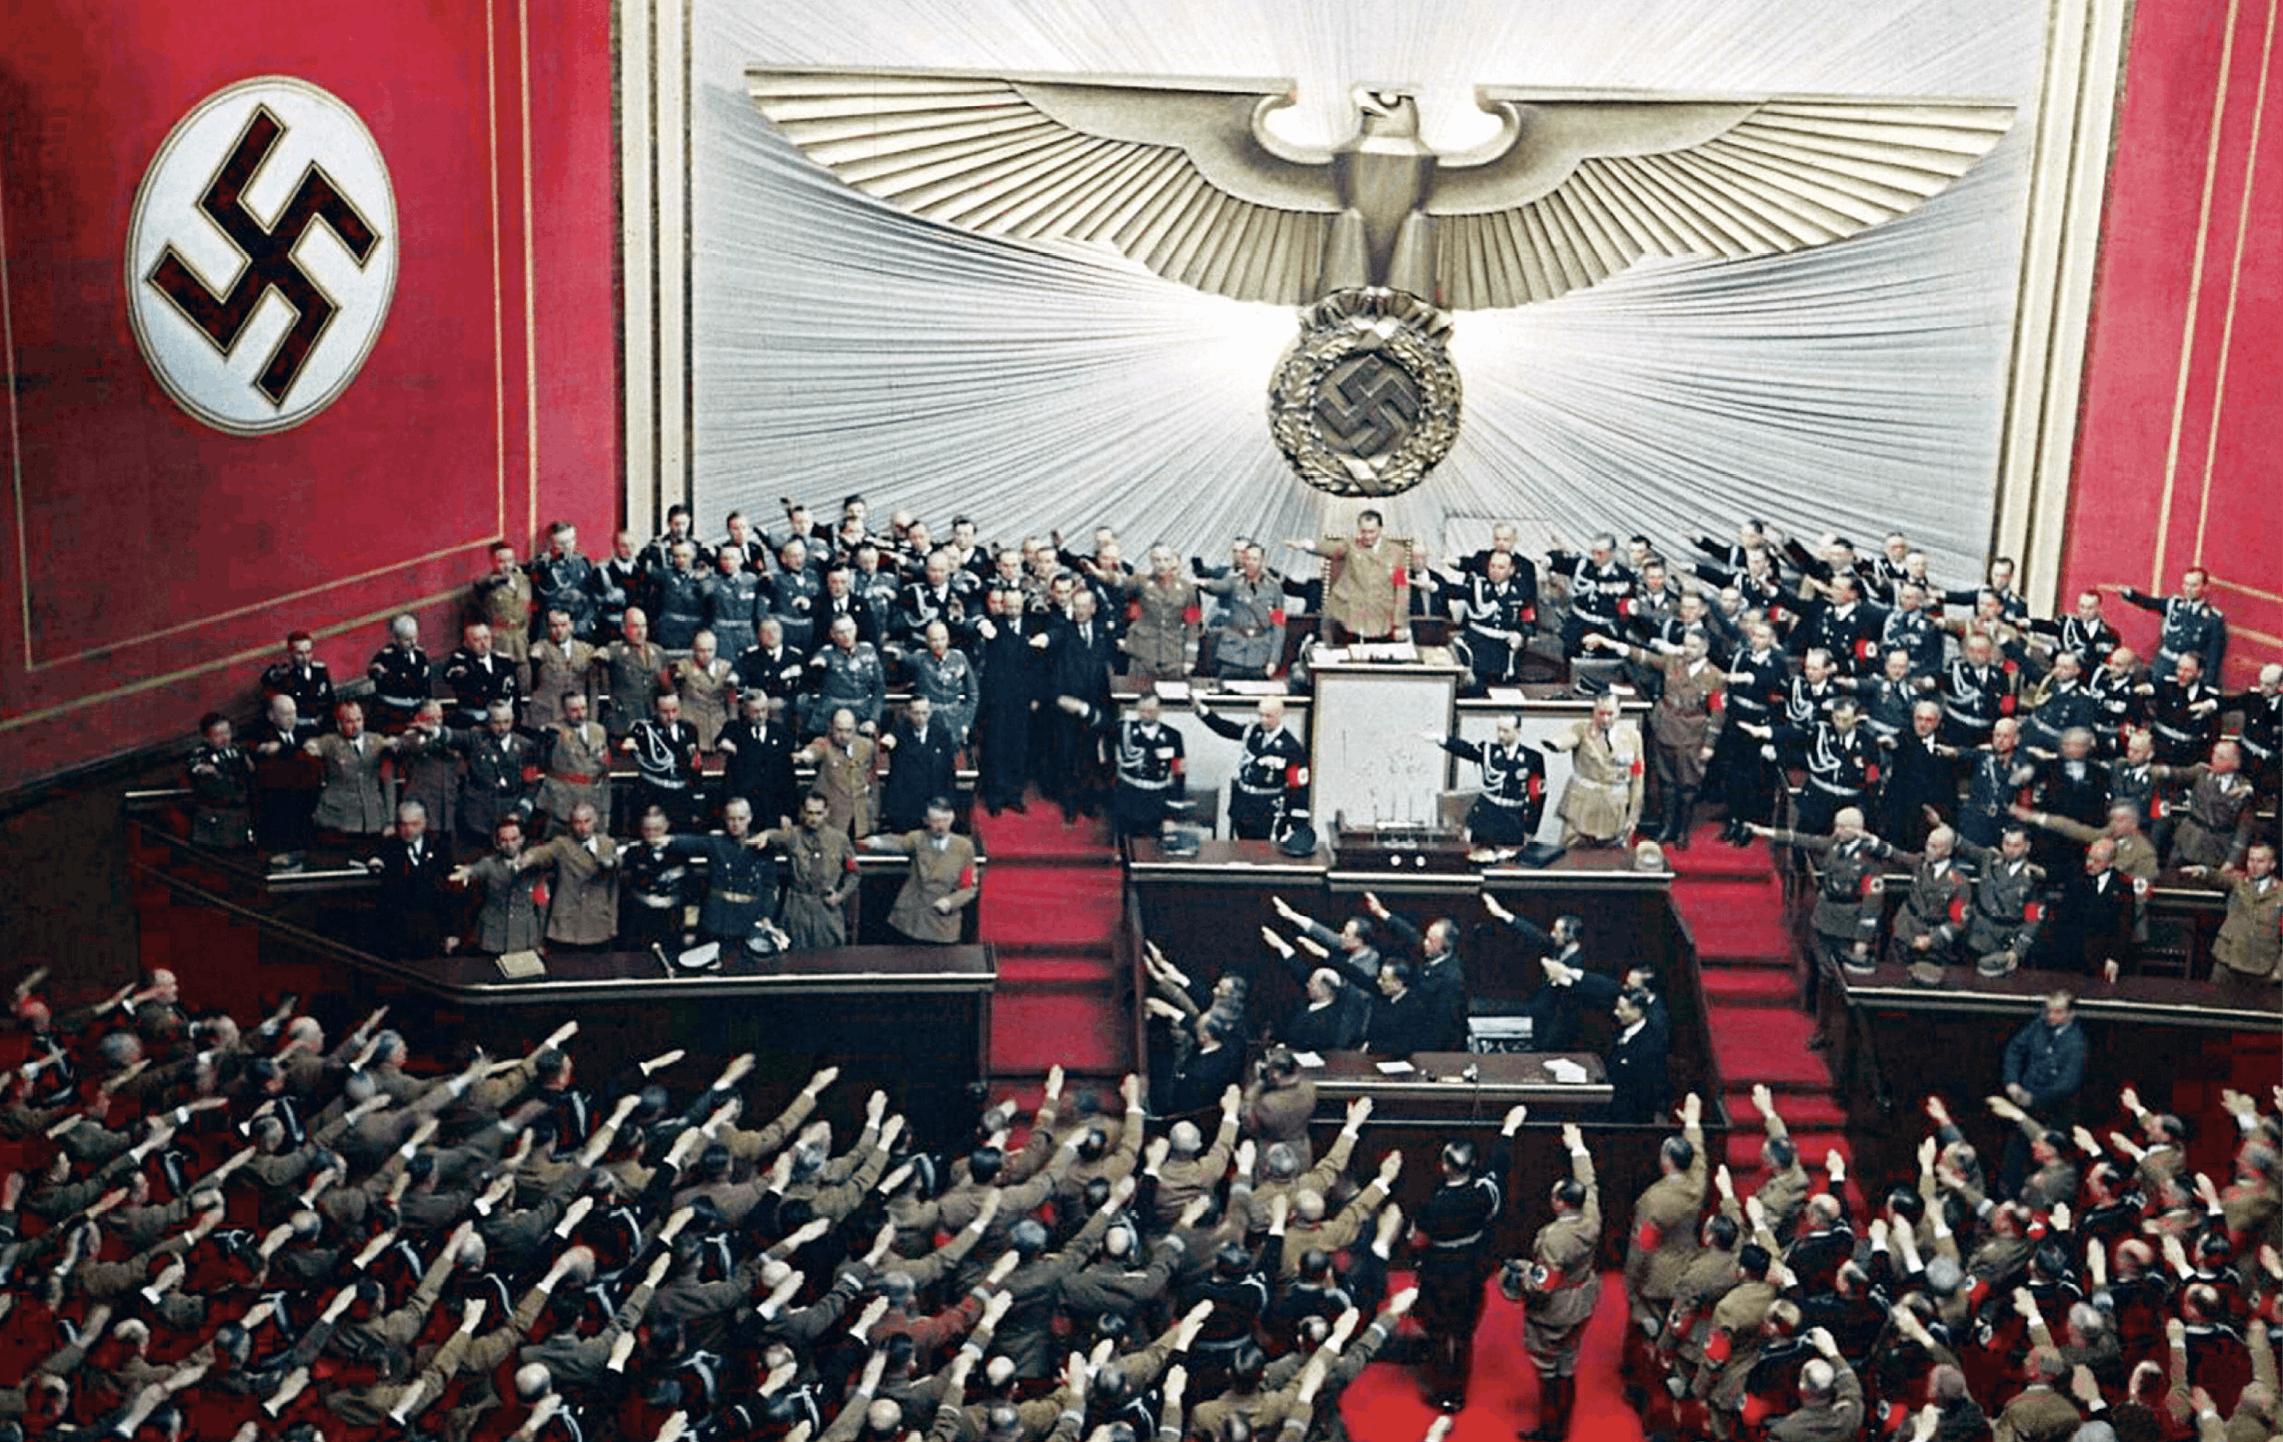 Hitler faisant un discours au Reichstag, 28 avril 1939, photographie anonyme